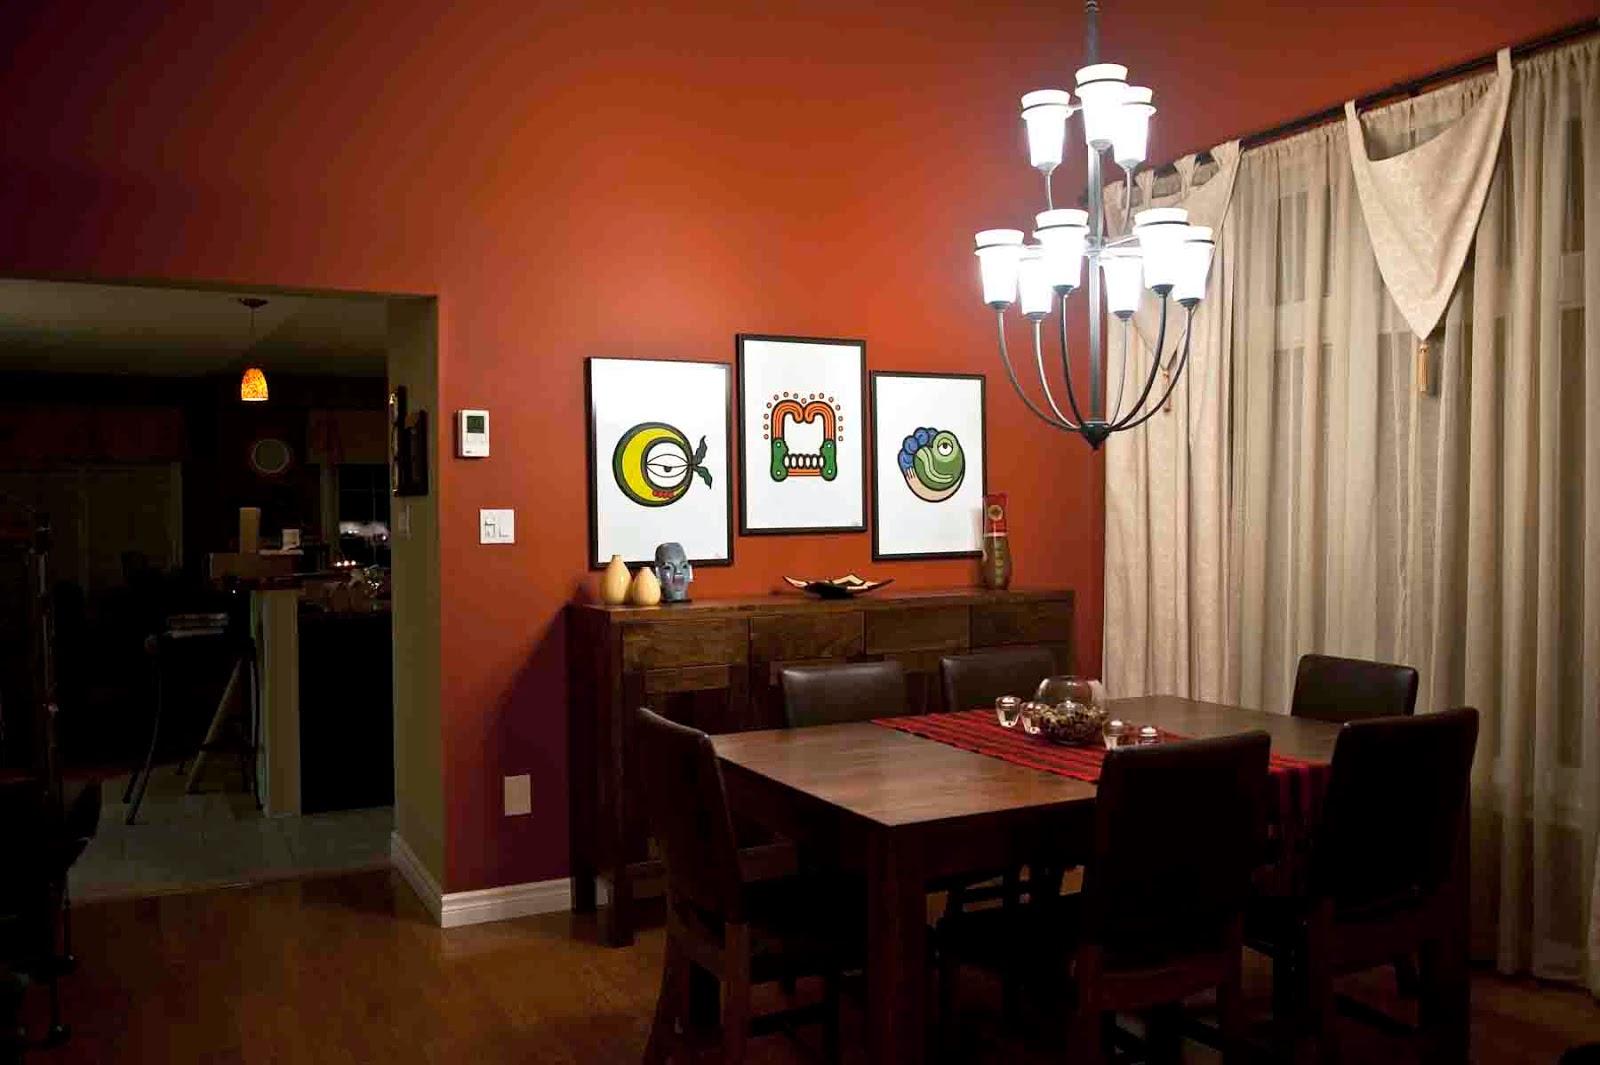 art dining room